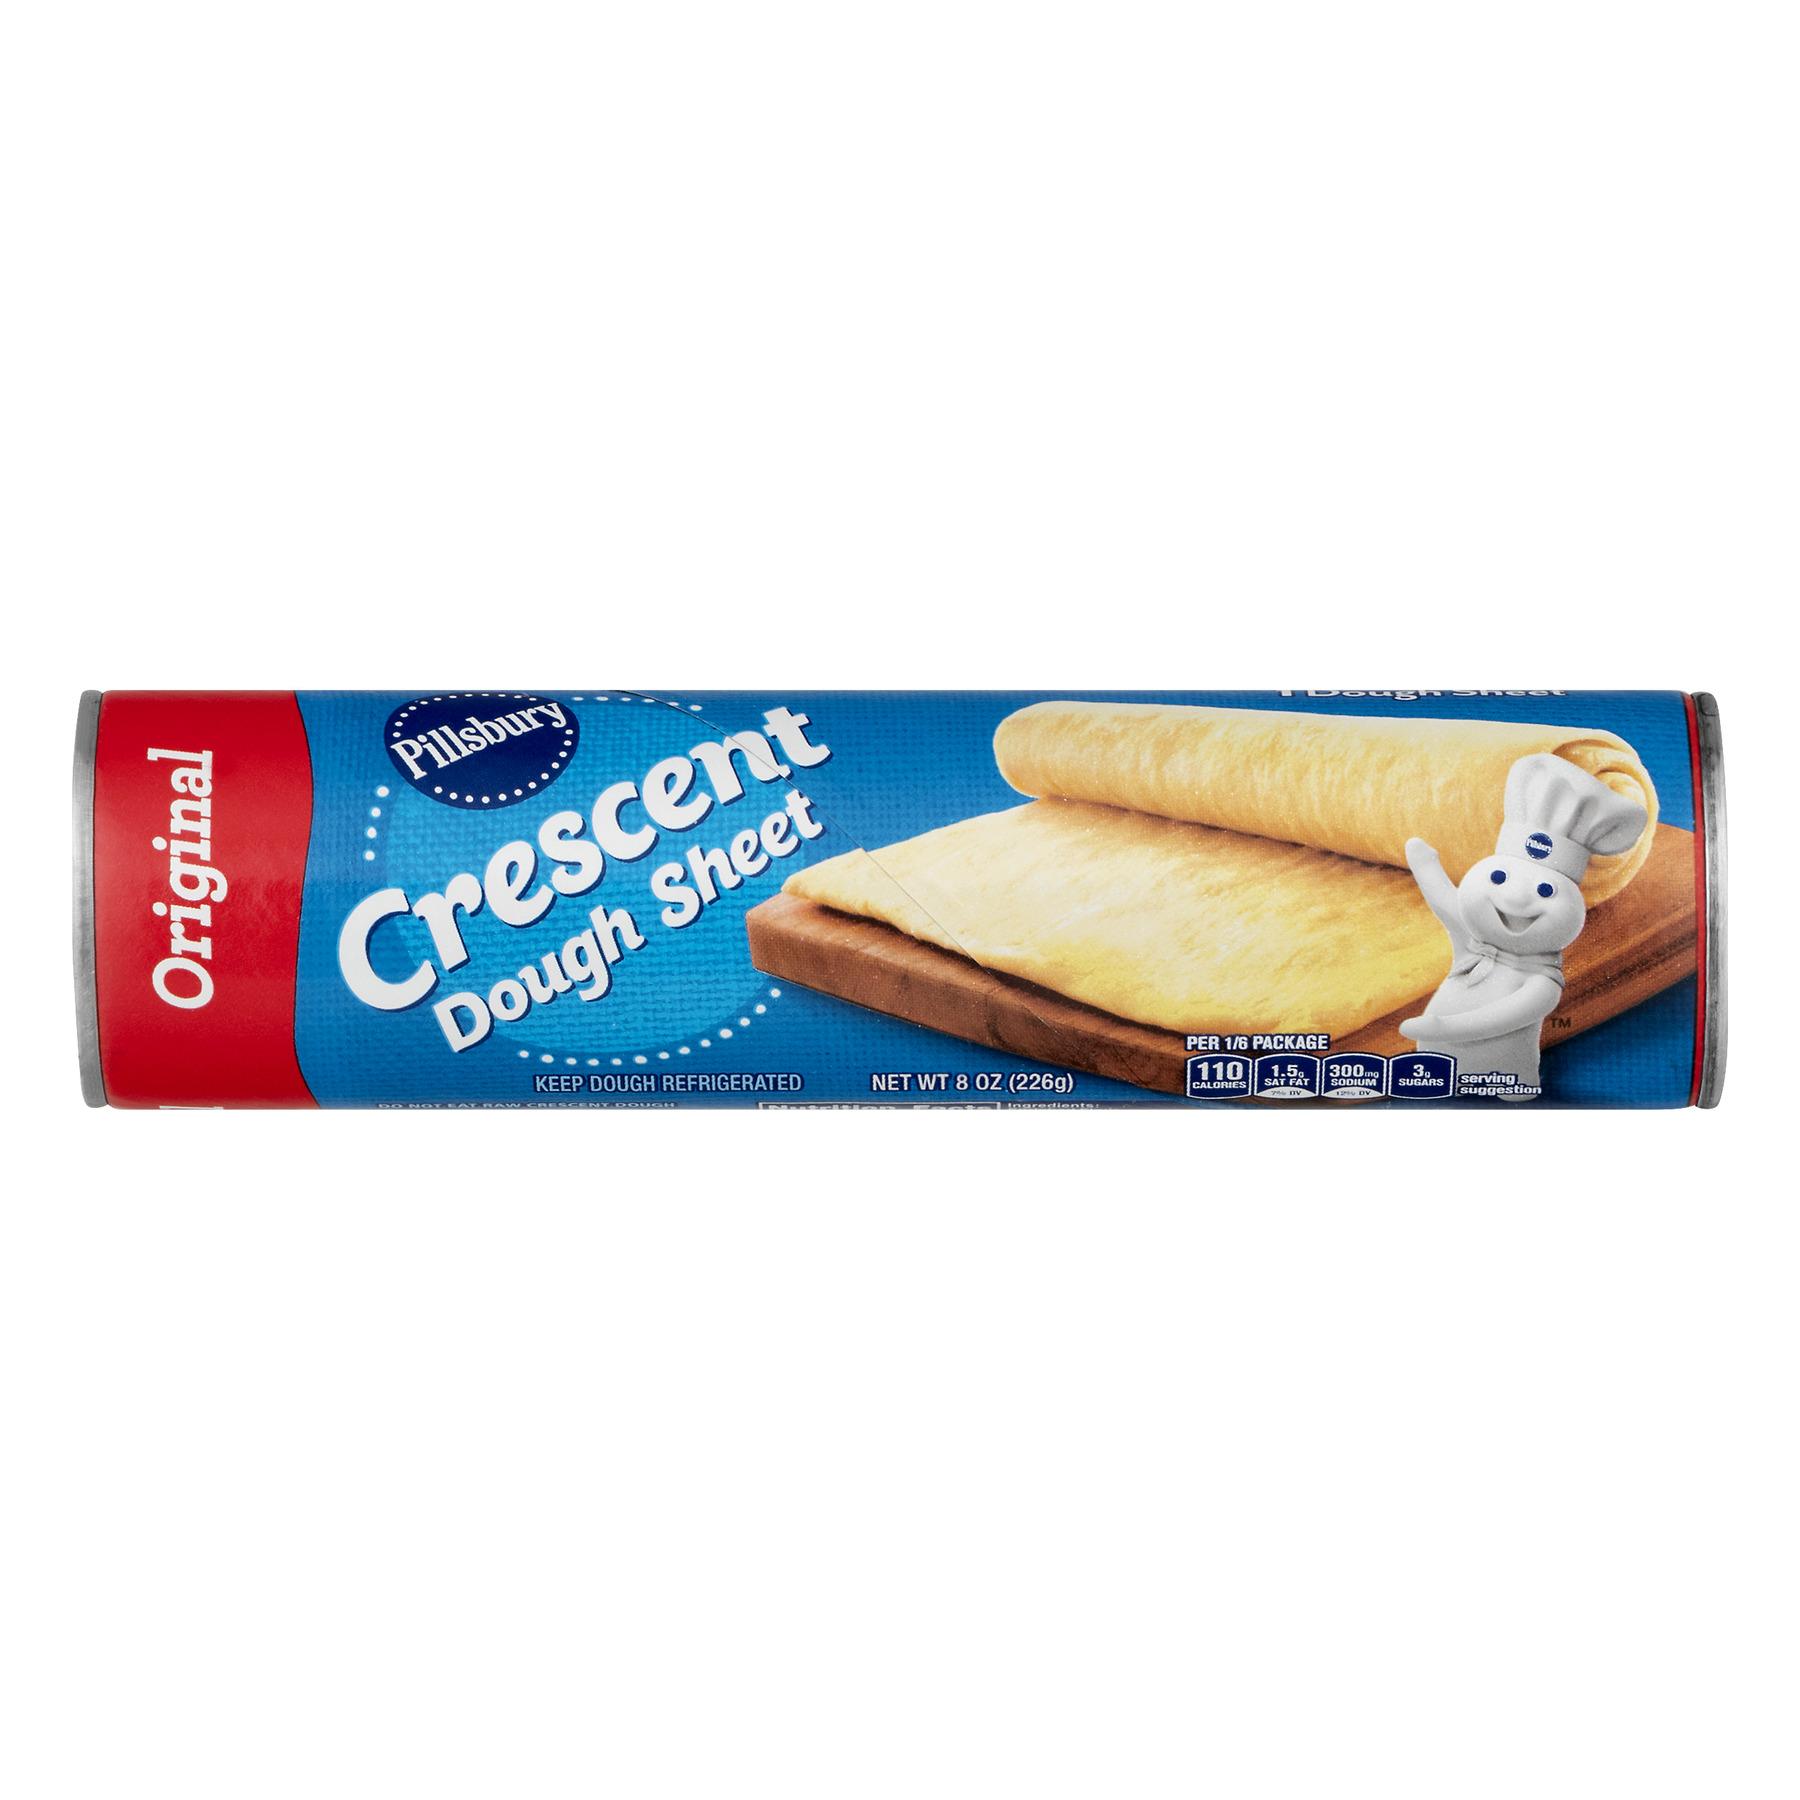 Pillsbury Crescent Dough Sheet, 8 oz